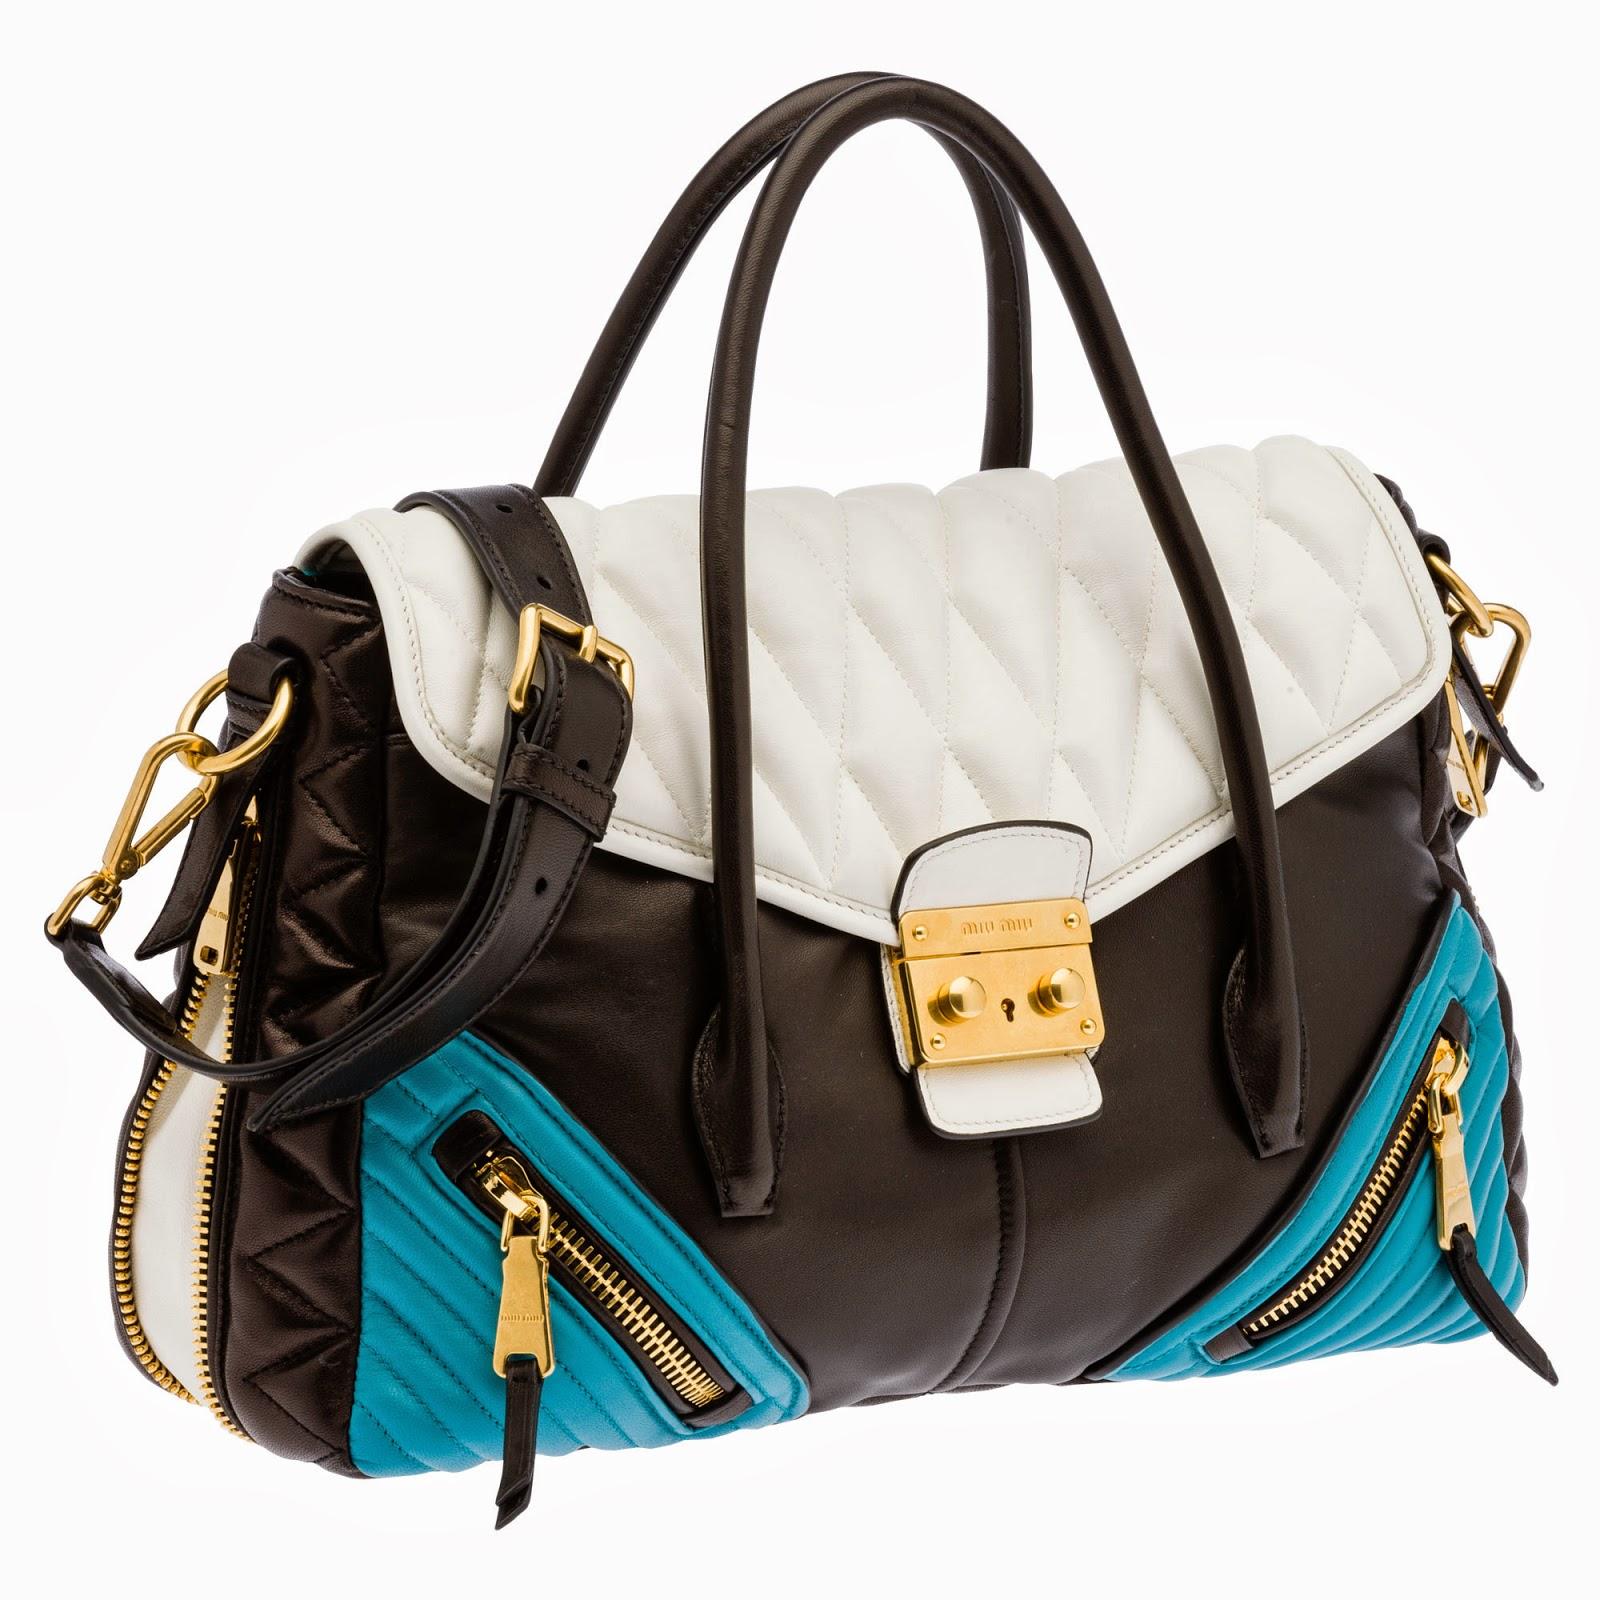 iki+renkli+%25C3%25A7anta Miu Miu Herbst Winter 2014 Handtaschen Modelle